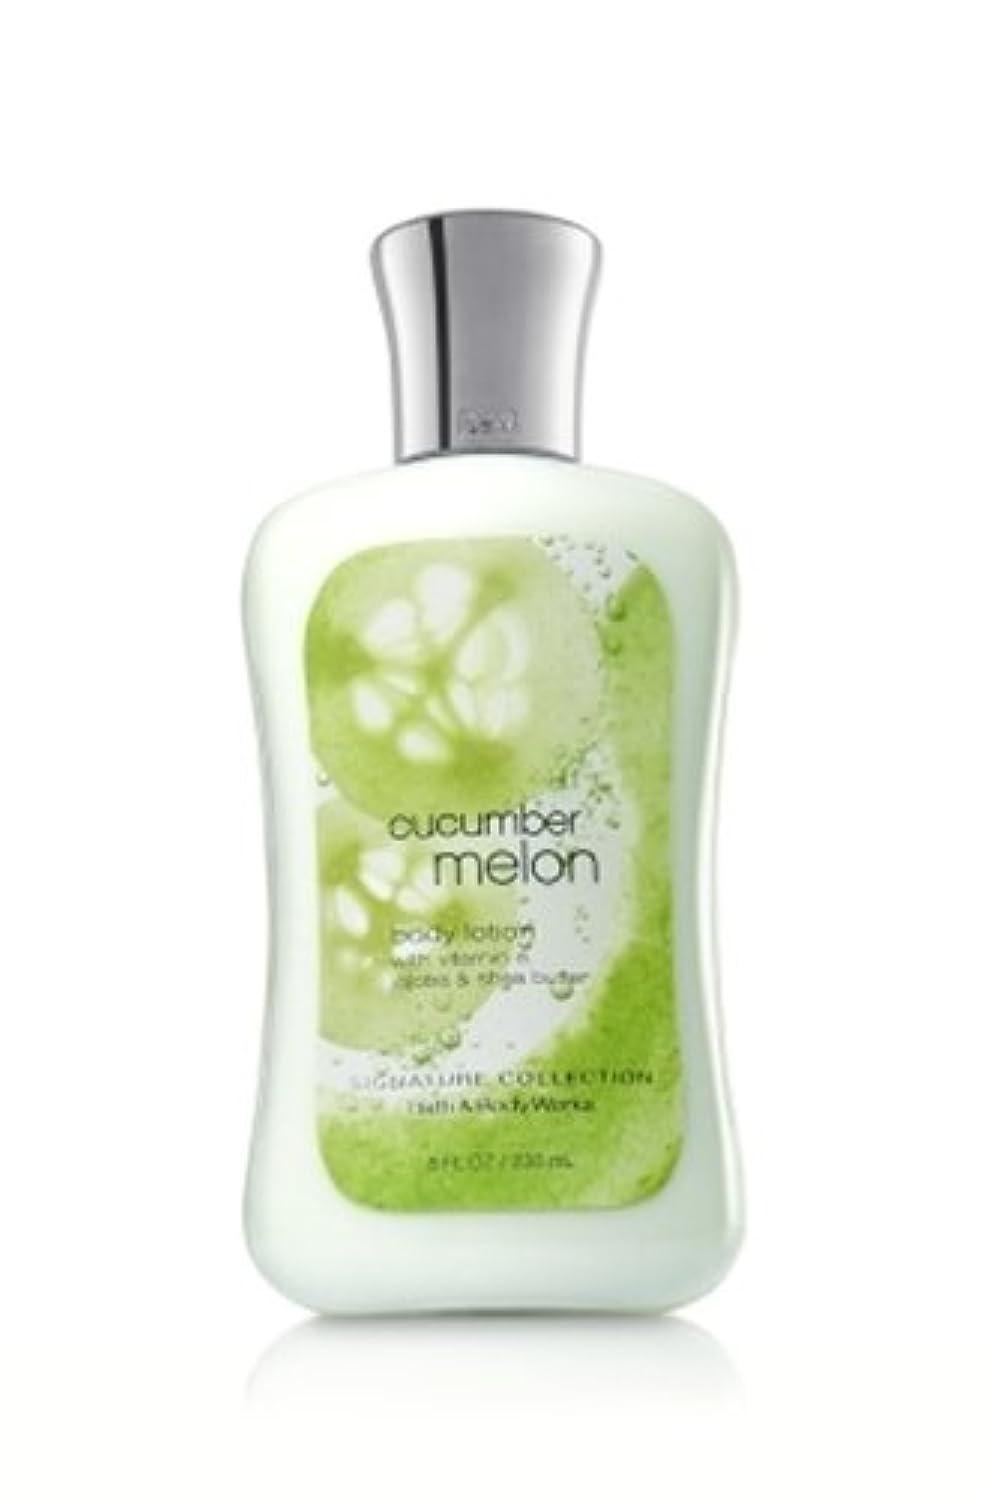 万歳中級カバレッジバス&ボディワークス キューカンバーメロン ボディローション Cucumber Melon body lotion[並行輸入品]